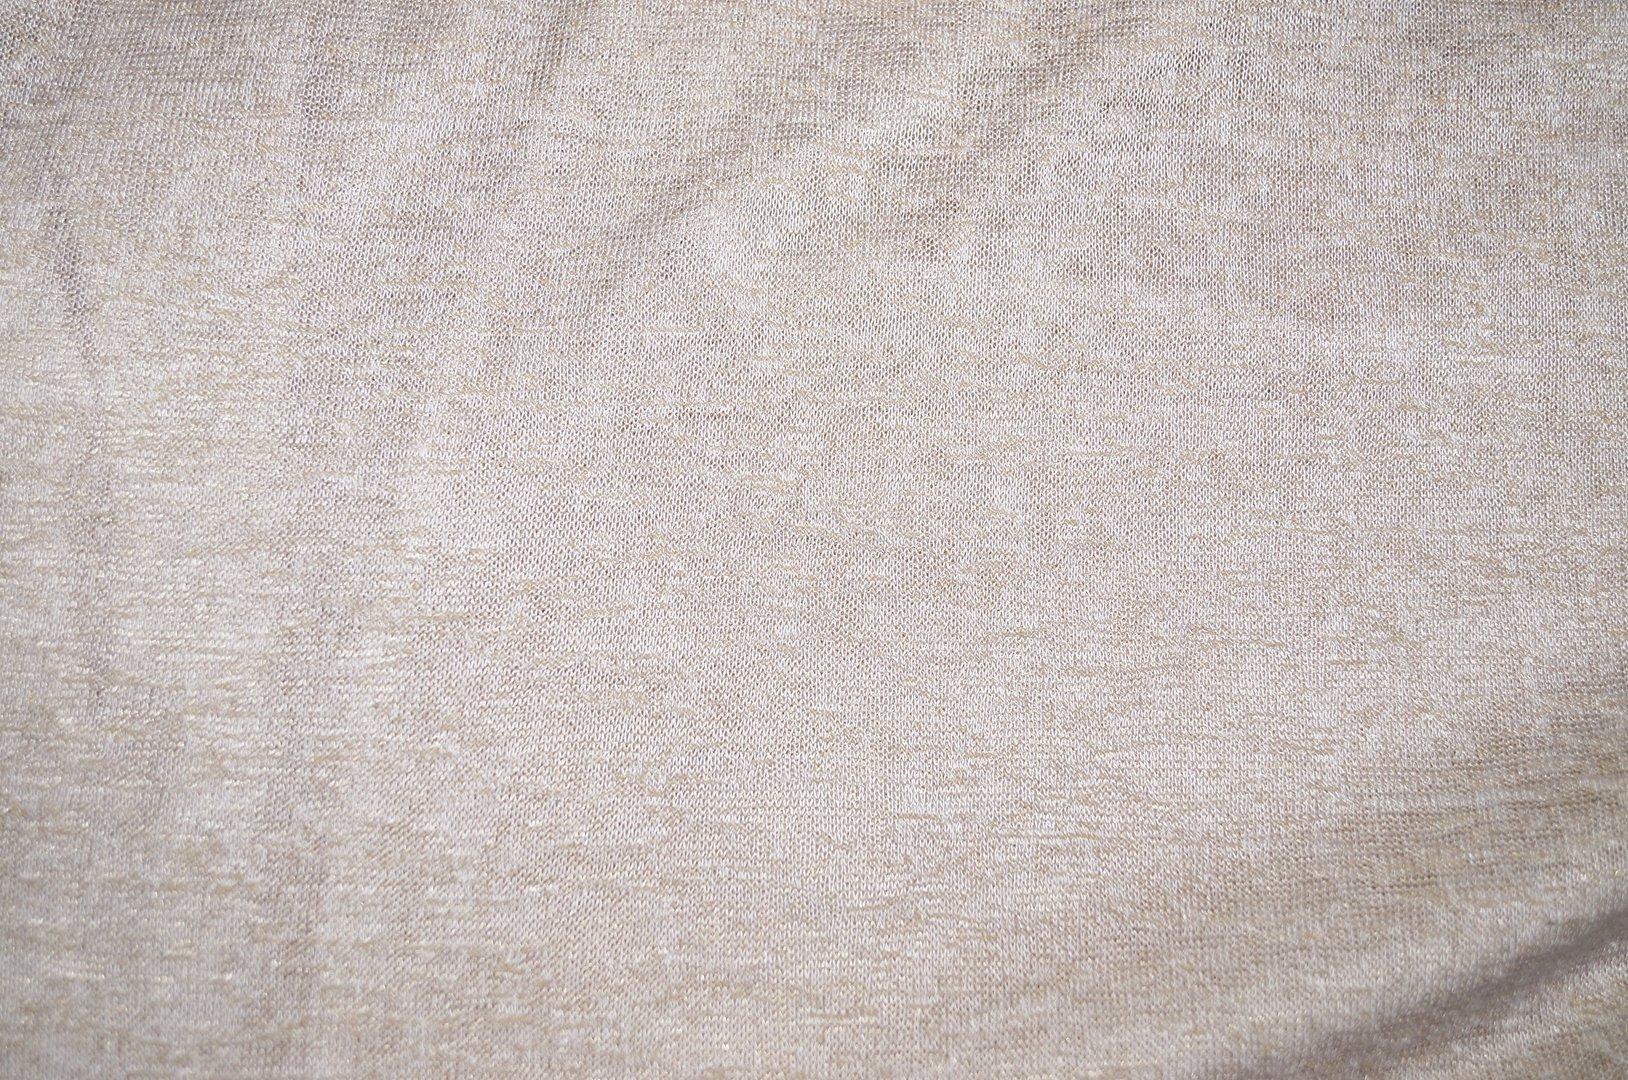 online stoffe kaufen feinstrick stoff hellbeige meliert. Black Bedroom Furniture Sets. Home Design Ideas